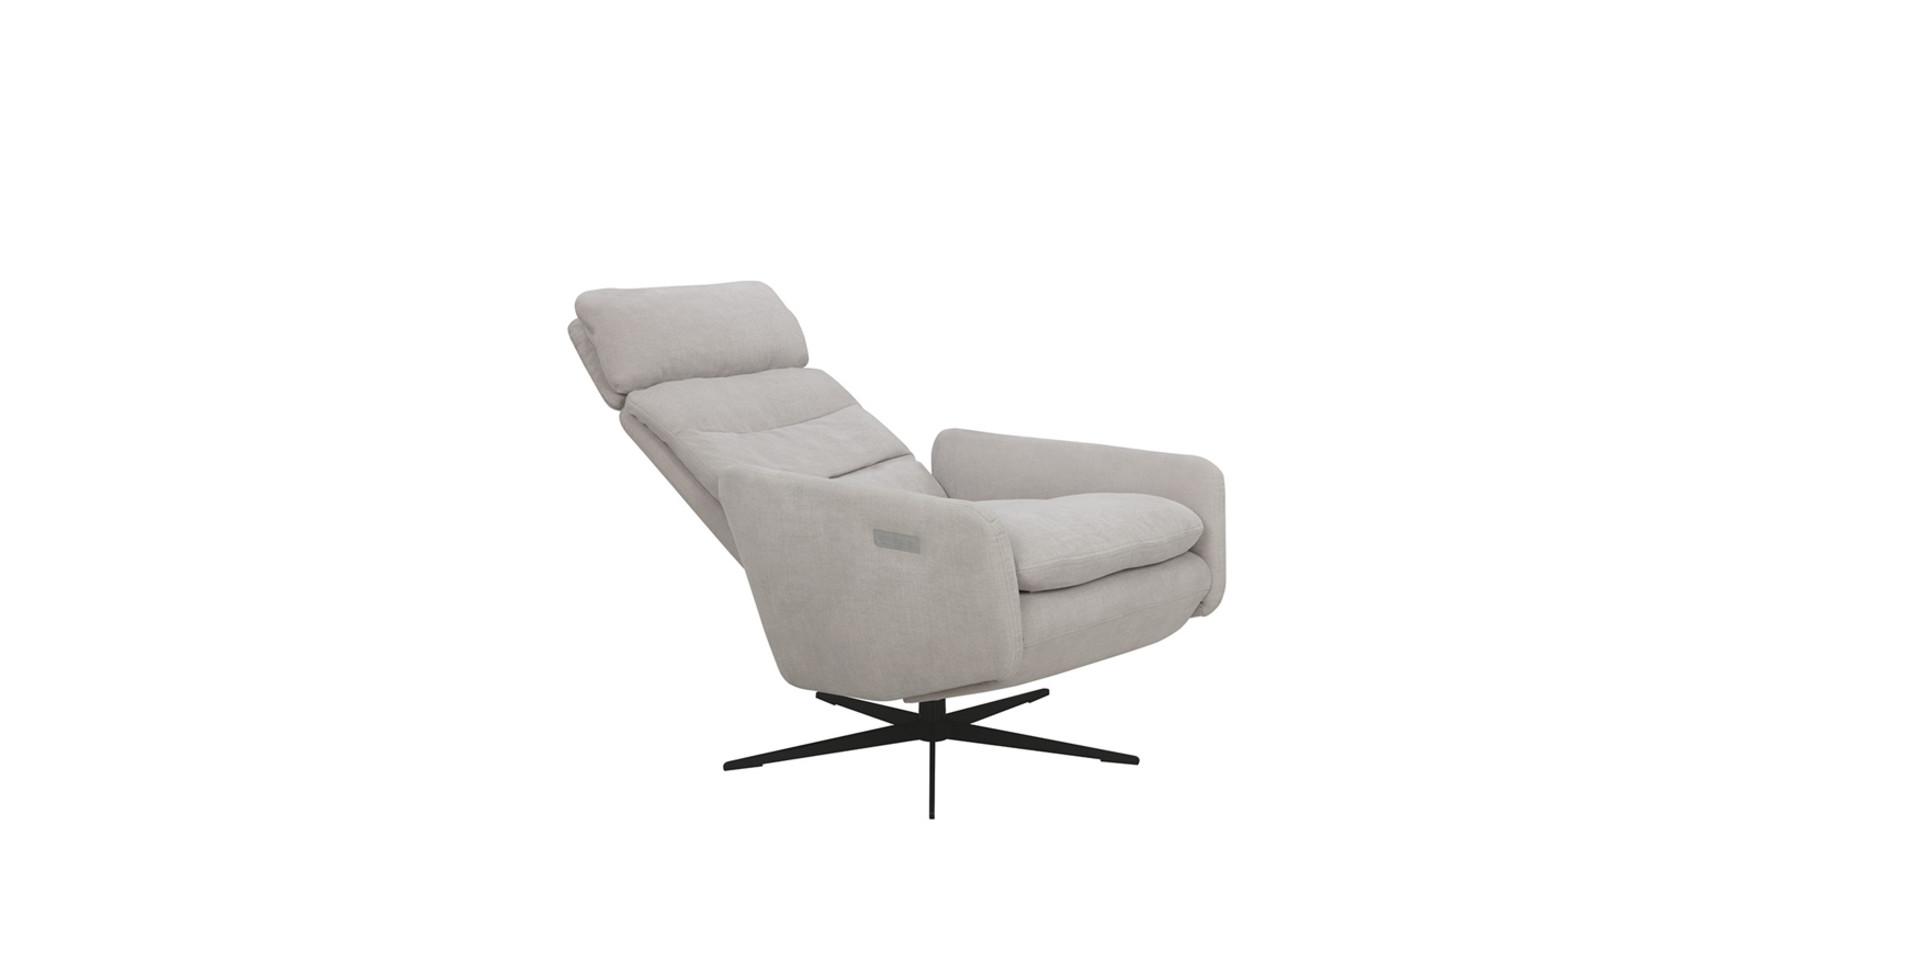 LIV_armchair_caleido10996_grey-beige_10